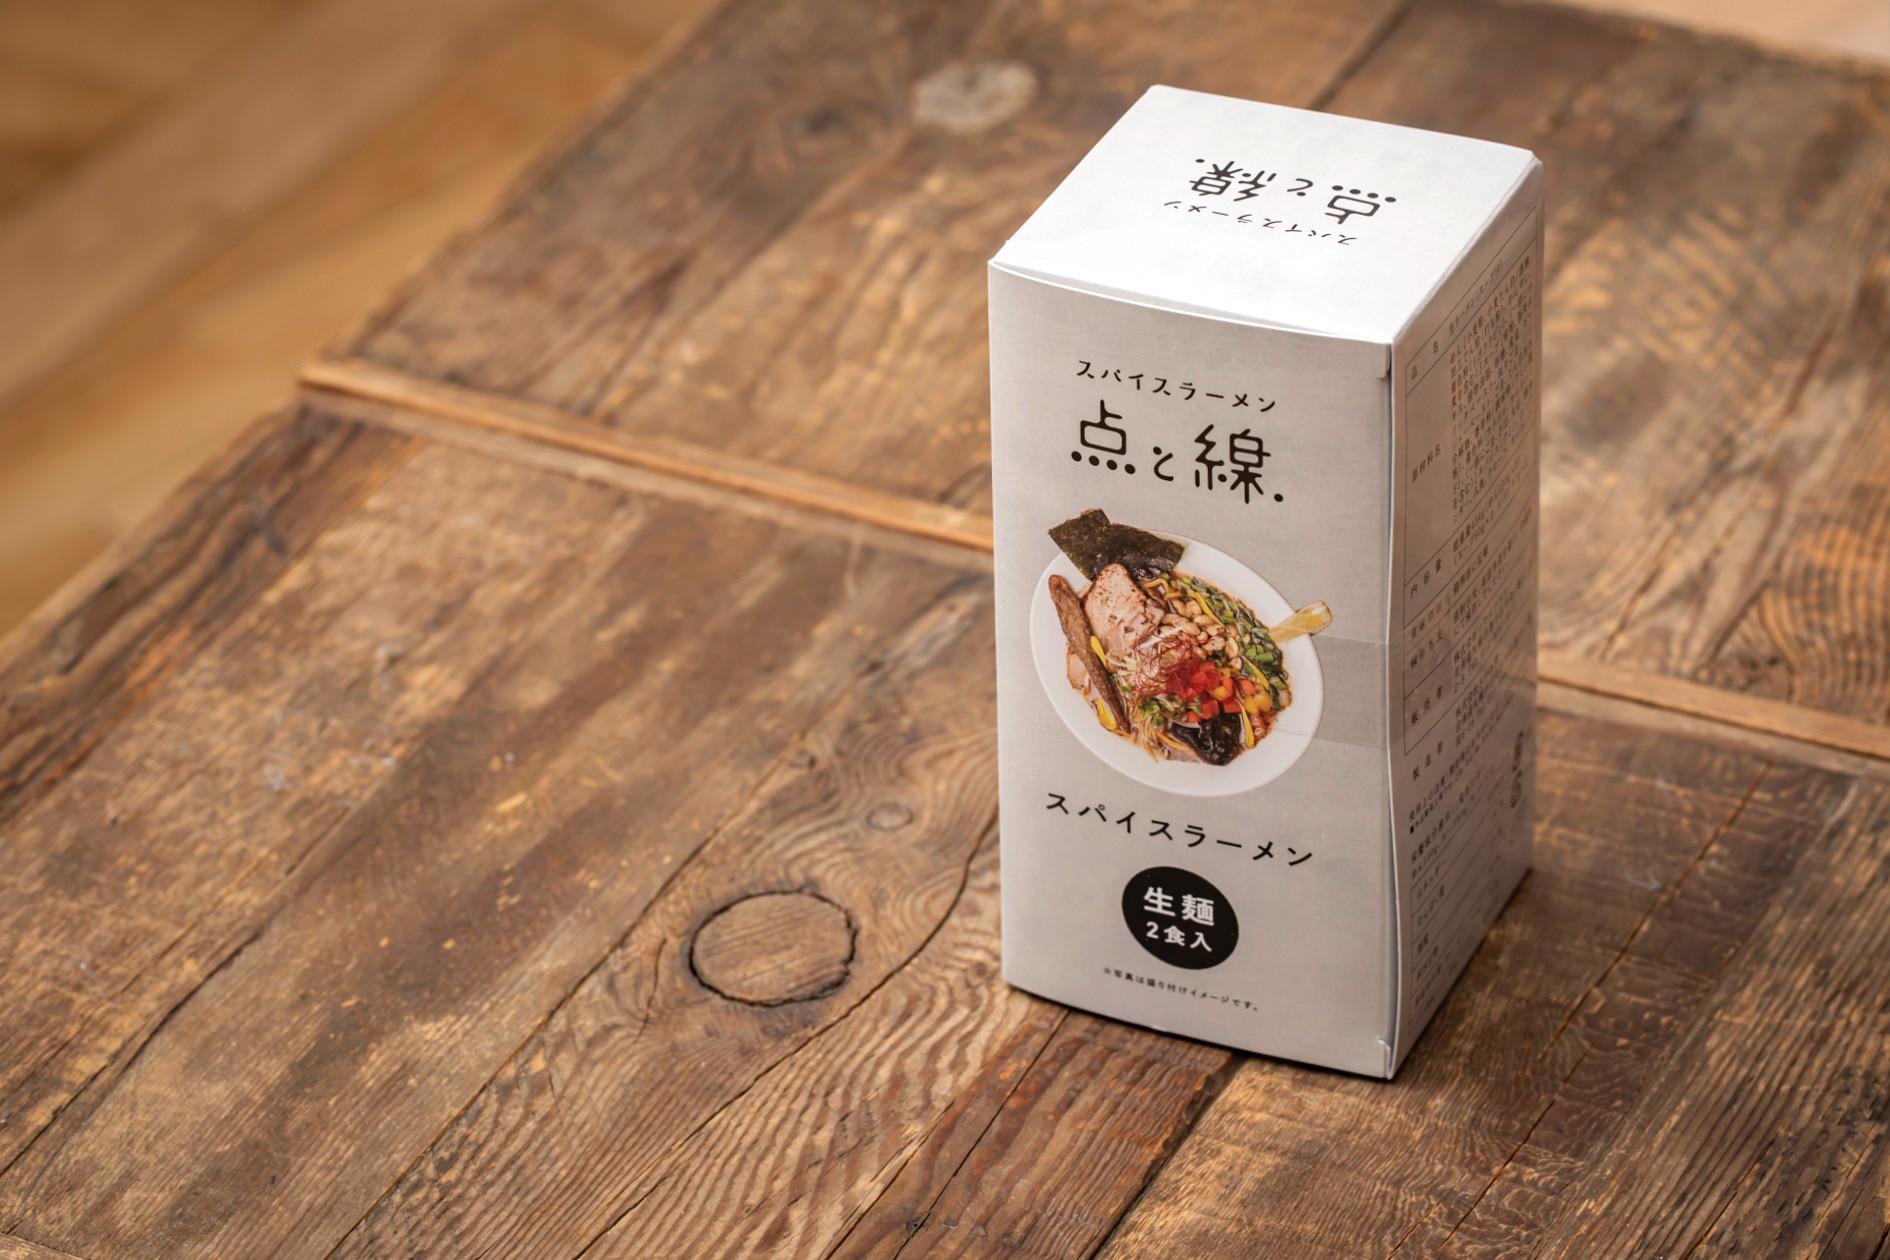 札幌路地裏スープカリィ侍の通販・お取り寄せ「スパイスラーメン点と線の生ラーメン2食入り」